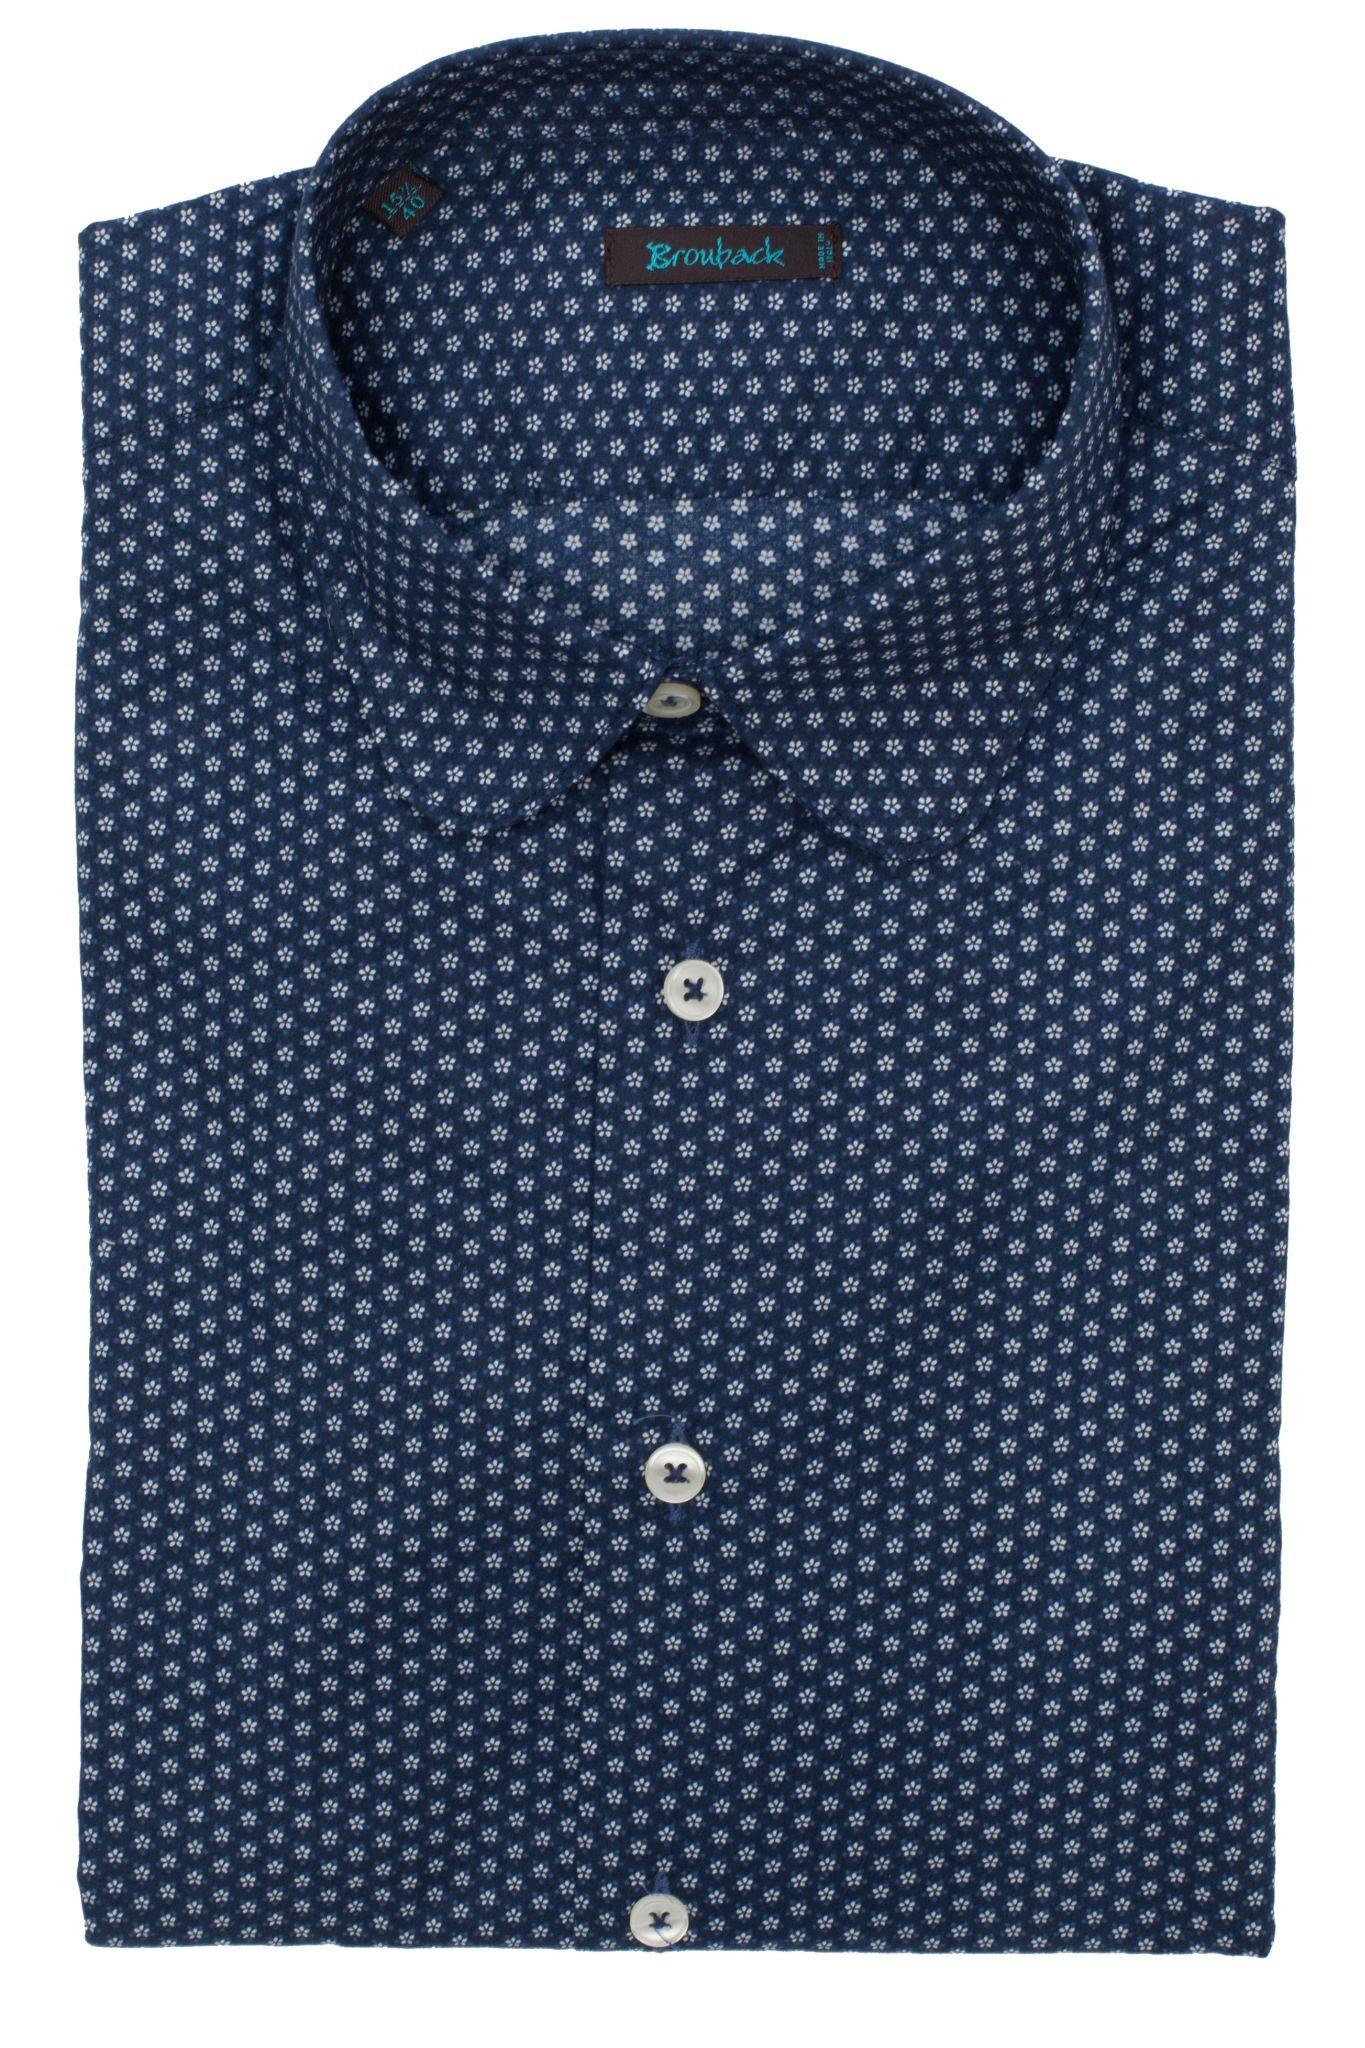 Тёмно-синяя рубашка с округлым воротом с мелким белым цветочным узором